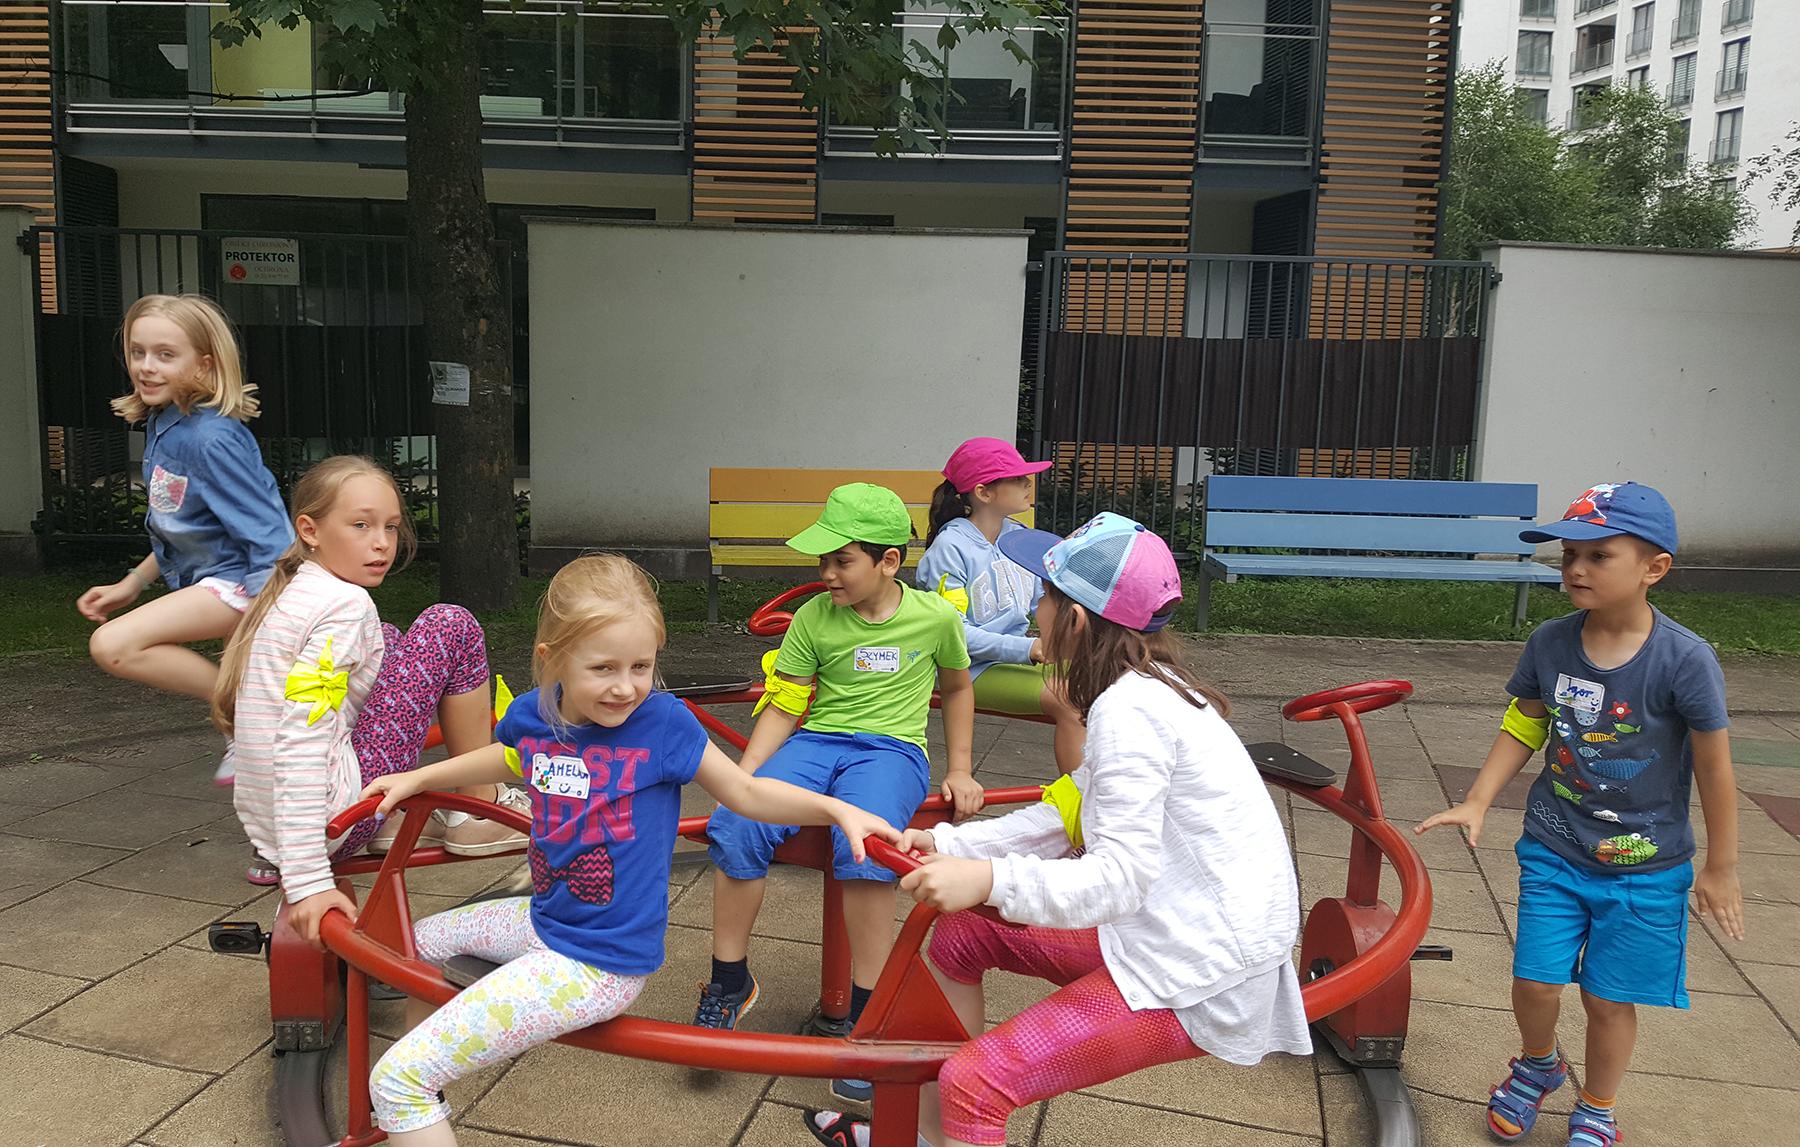 16 polkolonie warszawa archibald kids